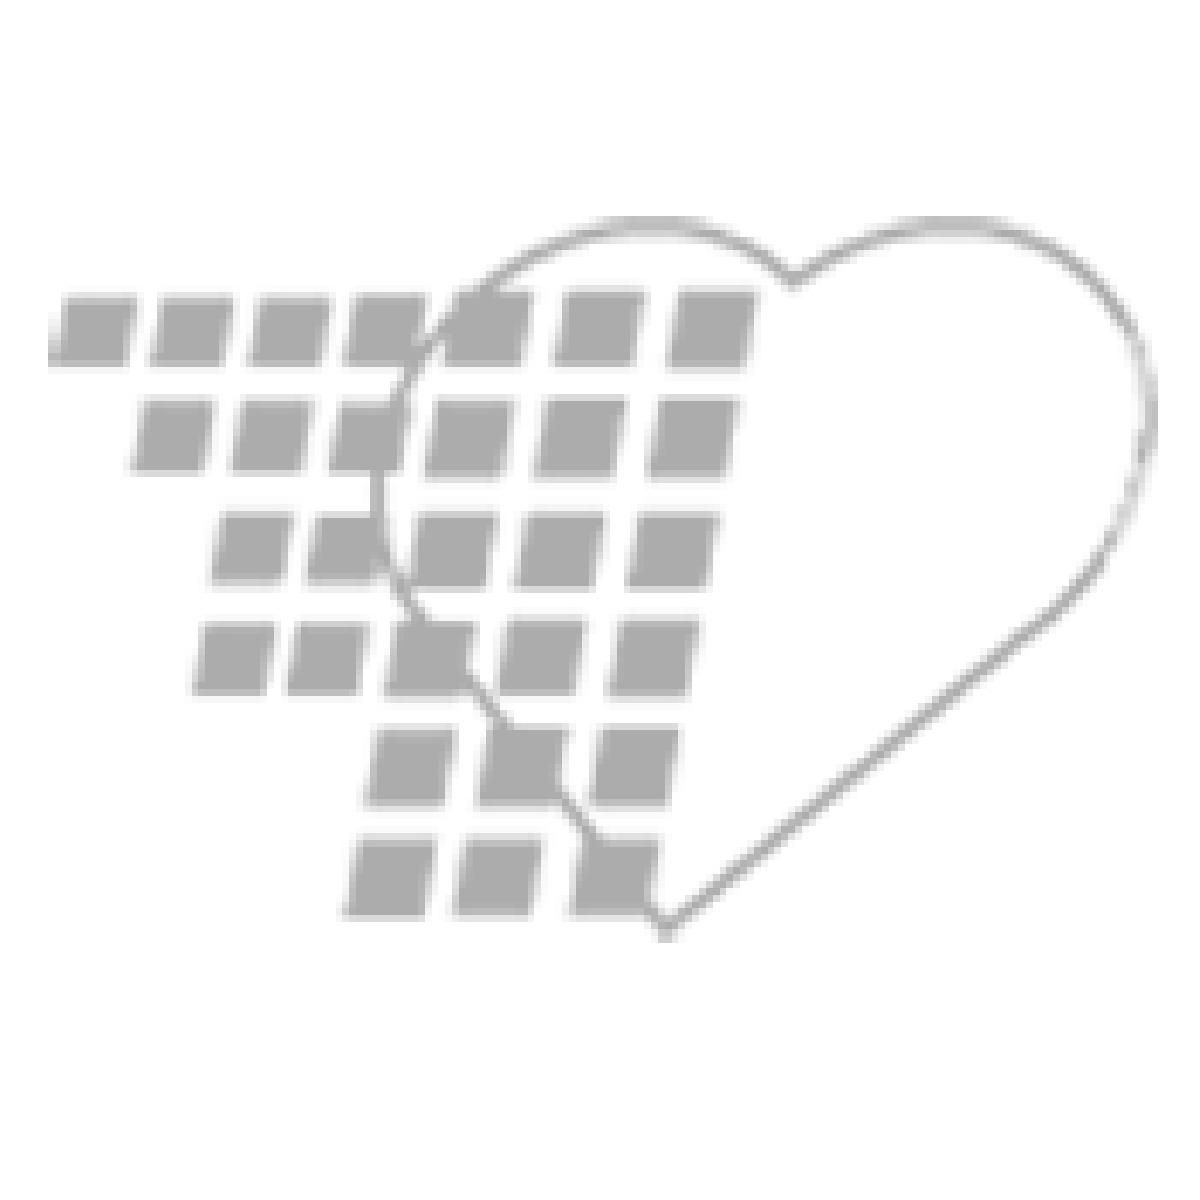 05-02-6024 Electrode Skin Prep Pad